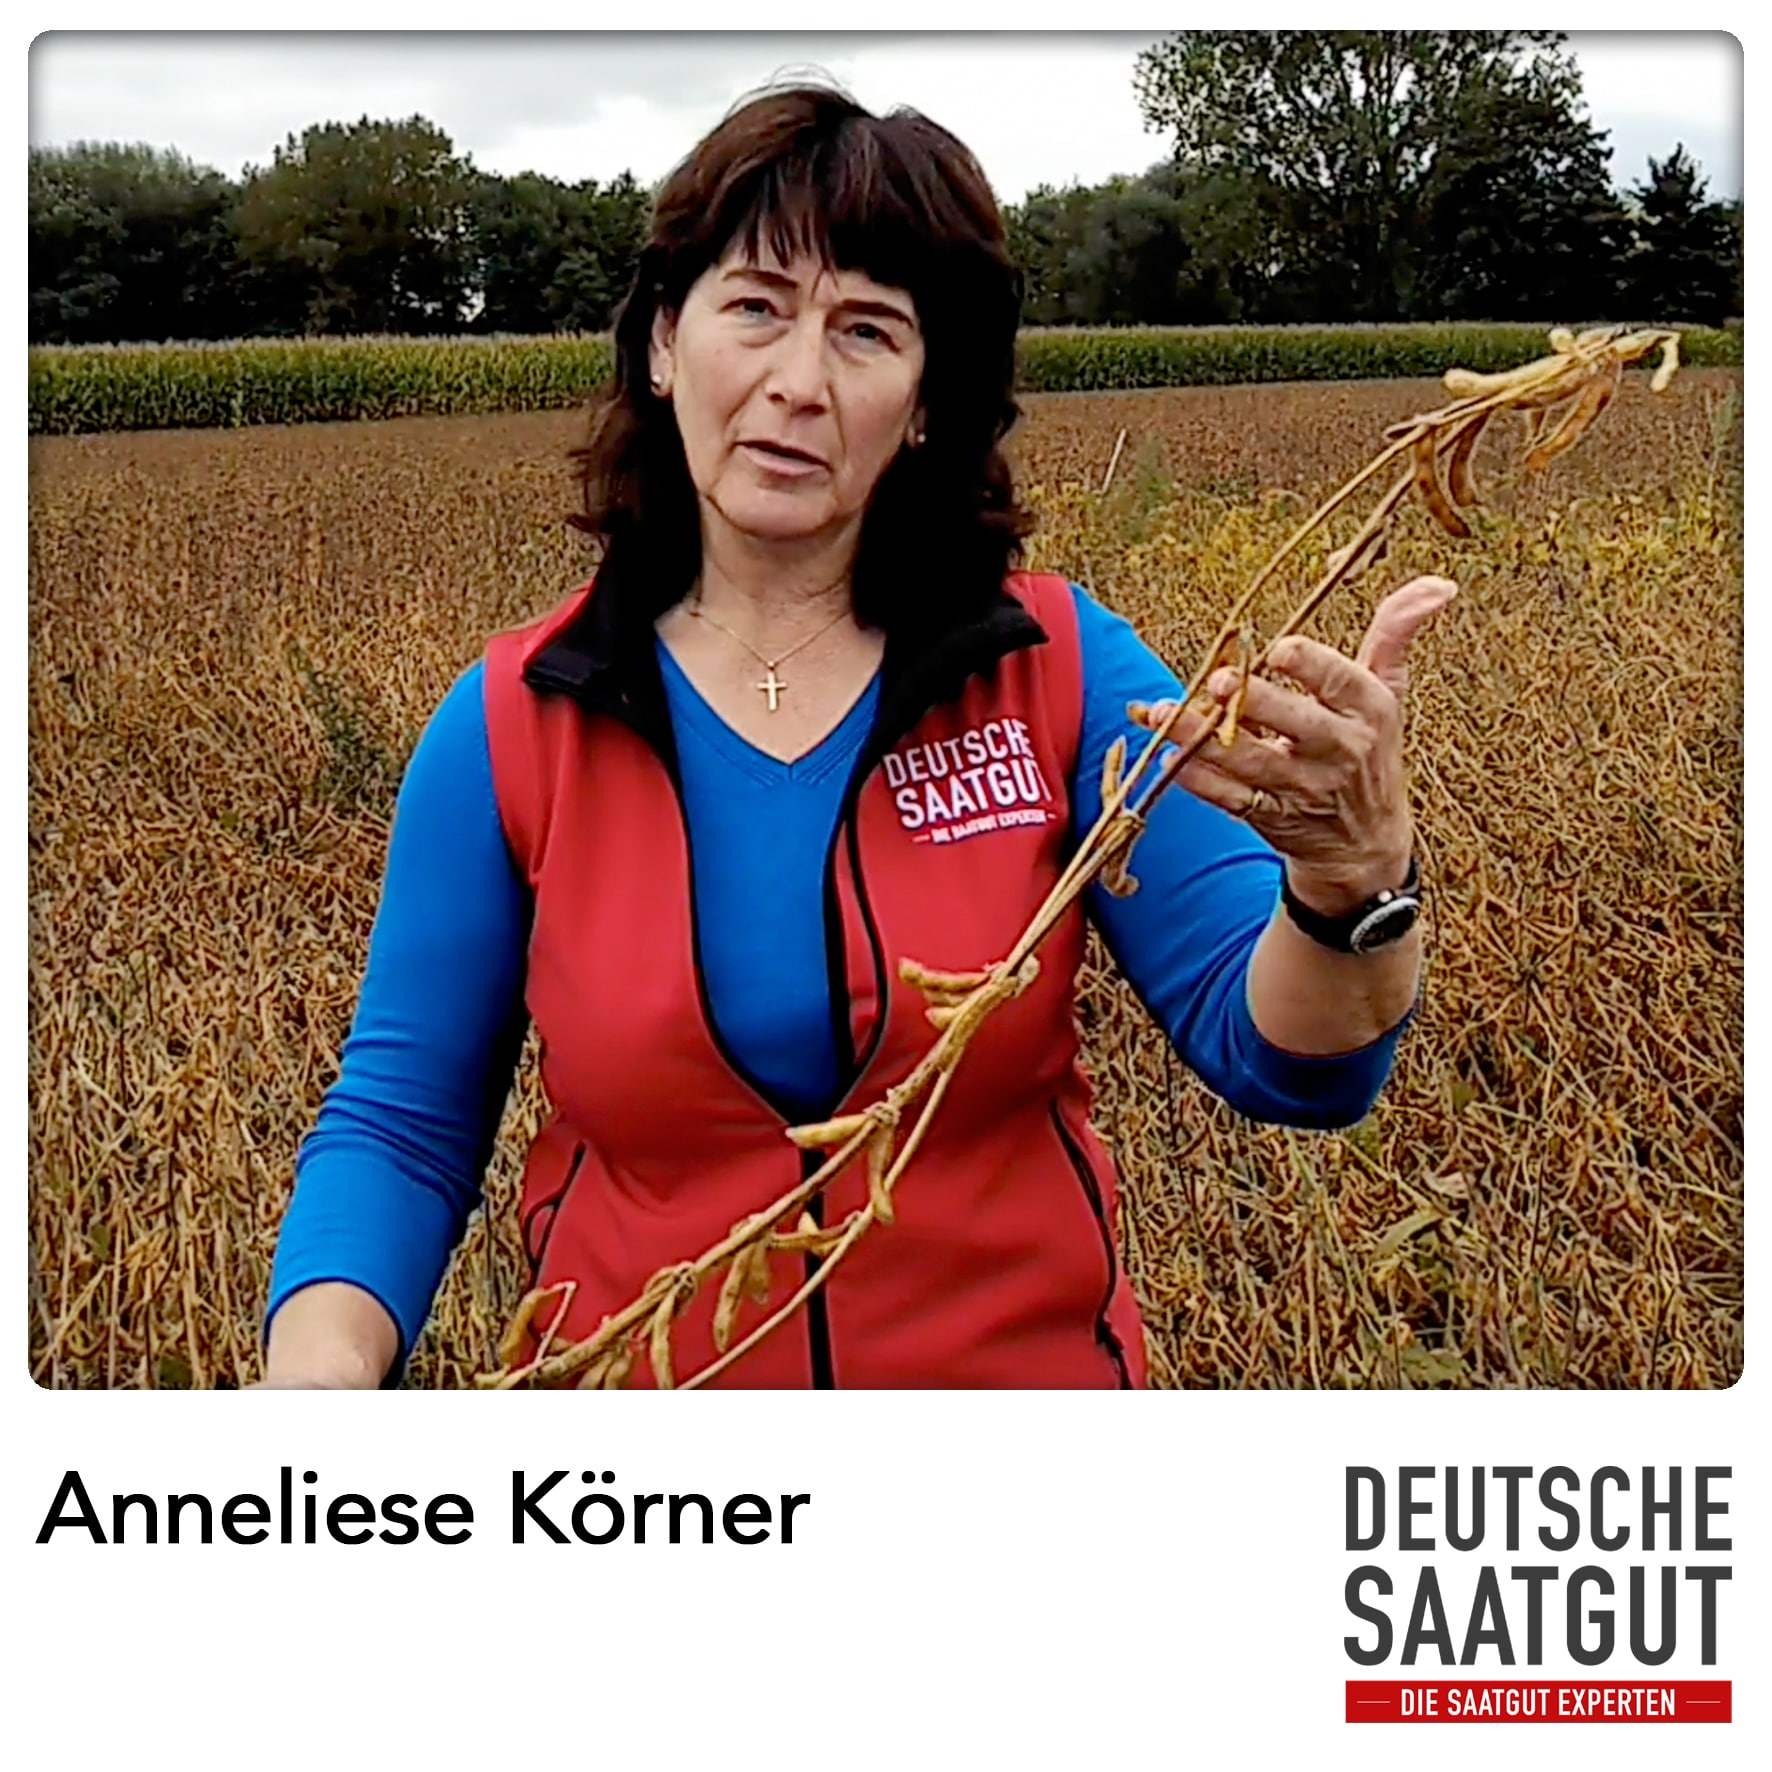 Anneliese Körner beim Soja Exaktversuch in Tapfheim, im Landkreis Donau-Ries